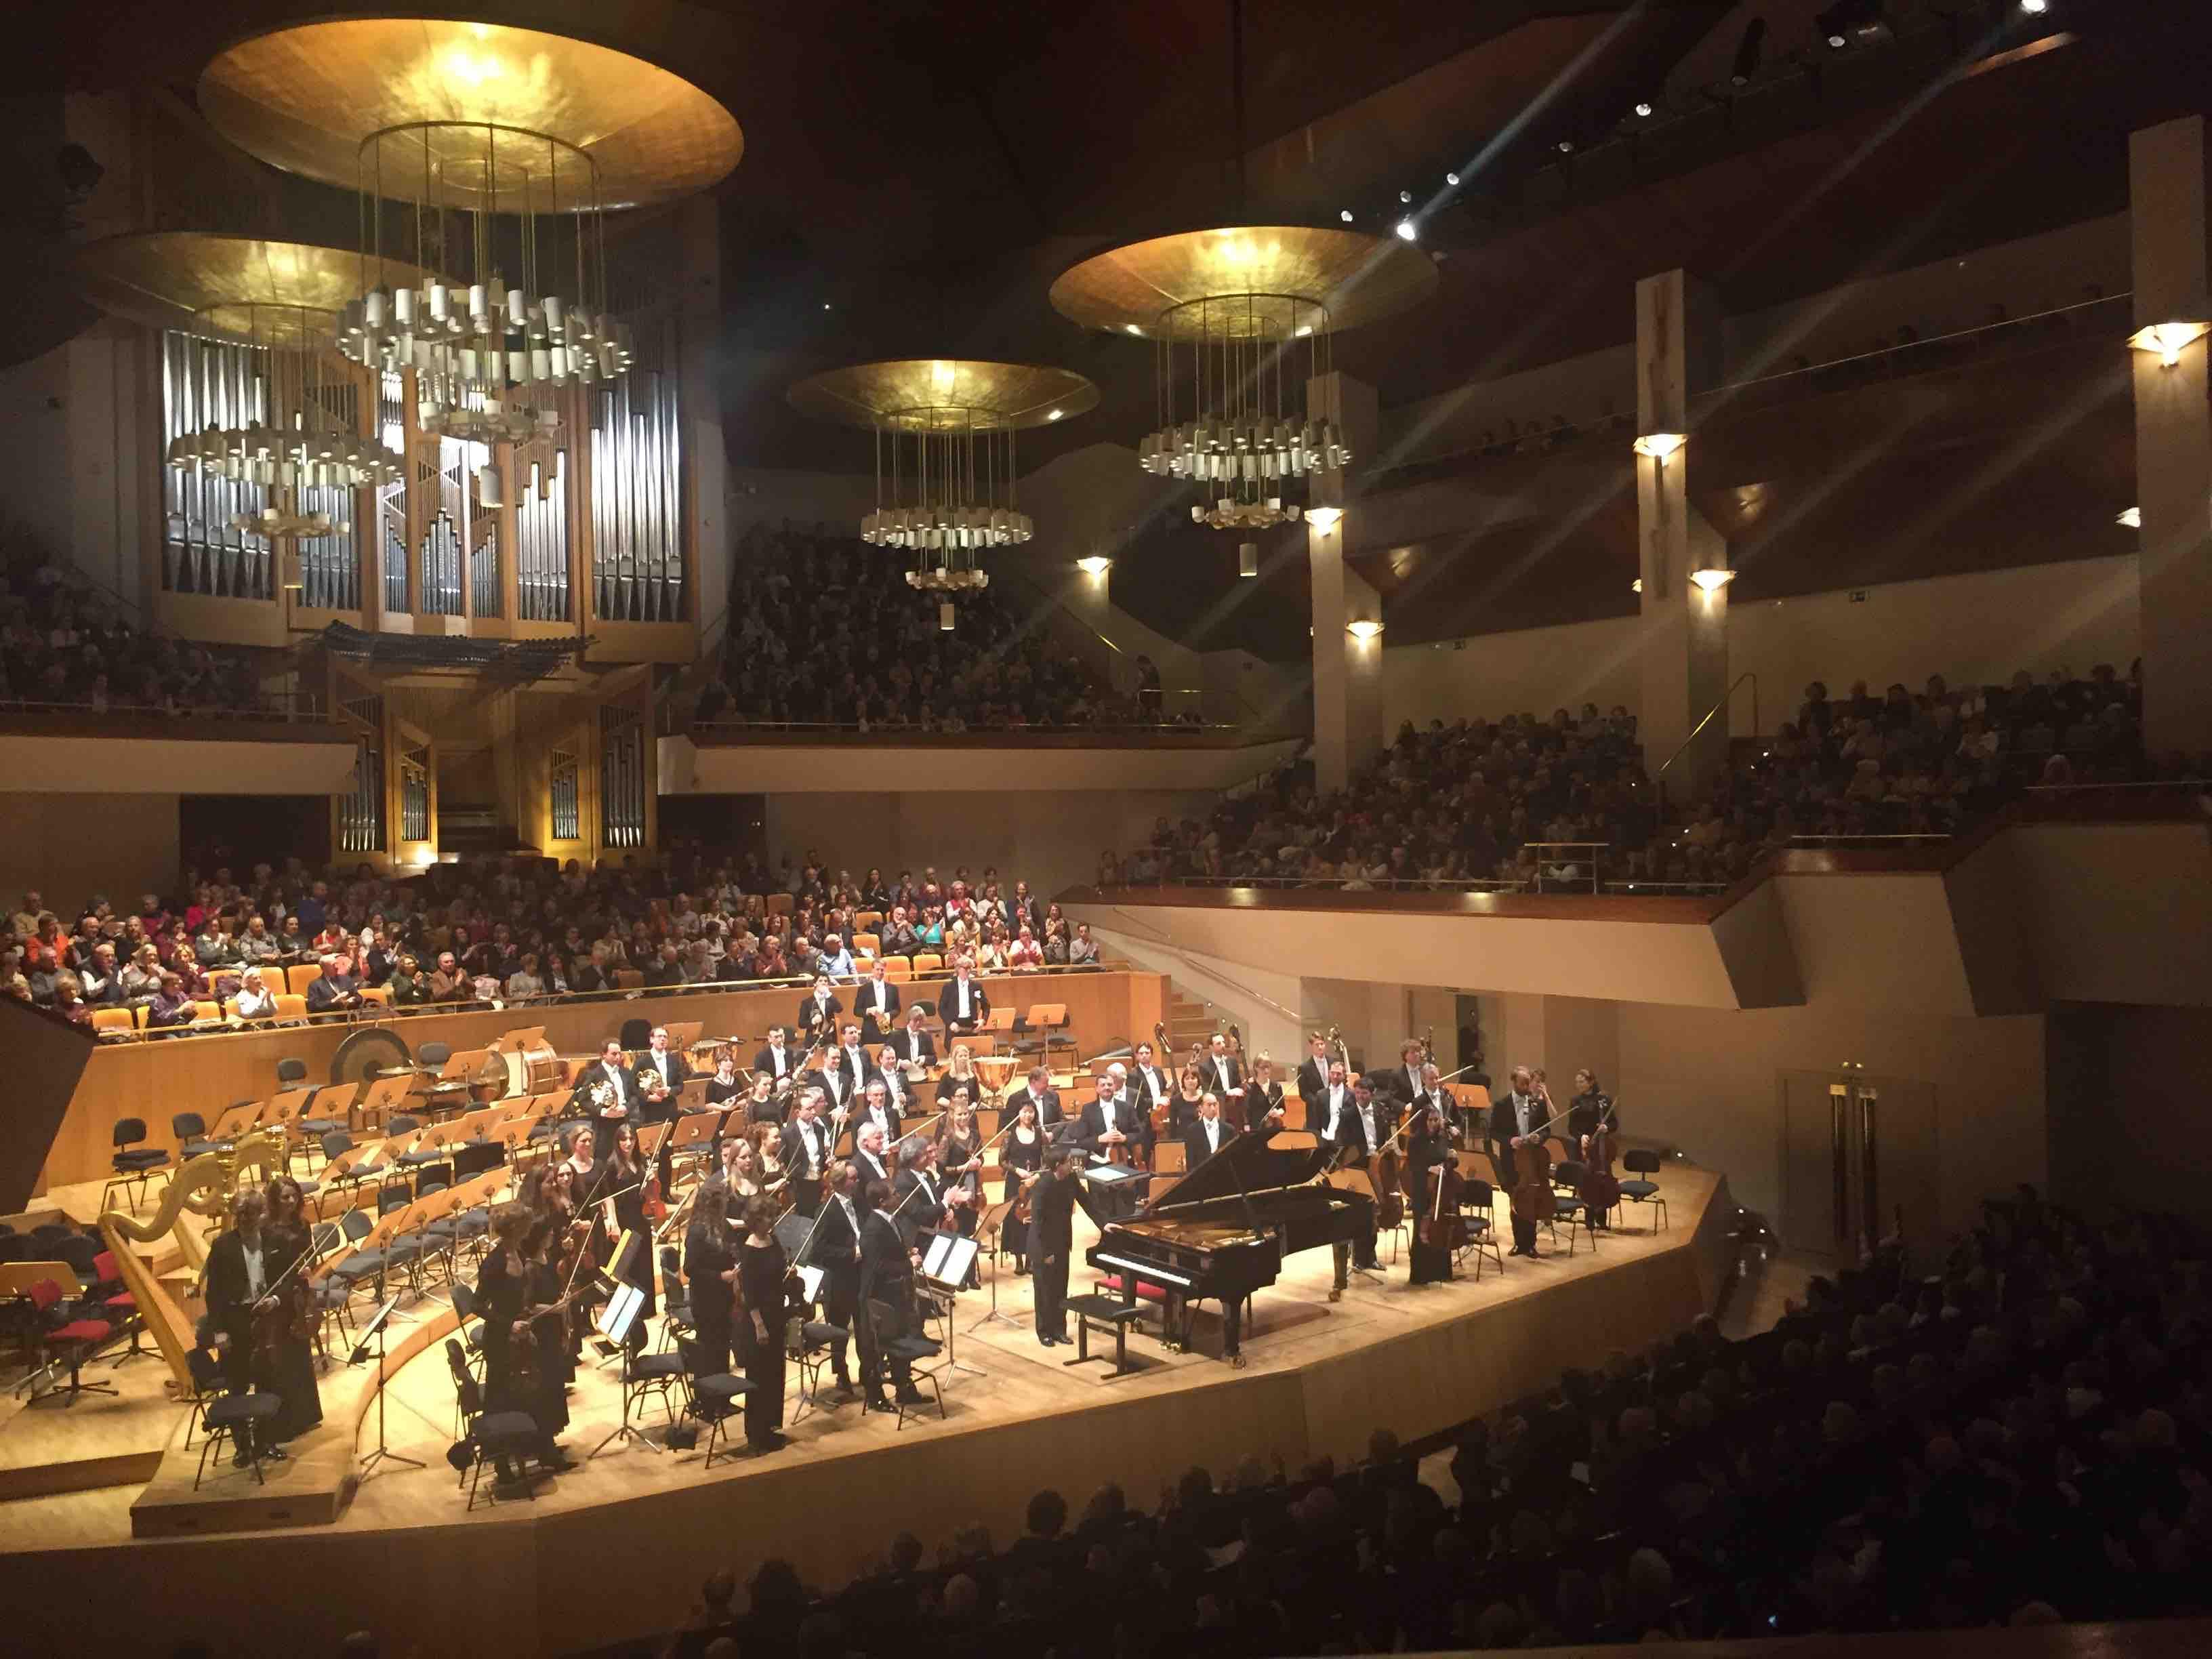 Perianes Concertgebouw Ibermusica 2016